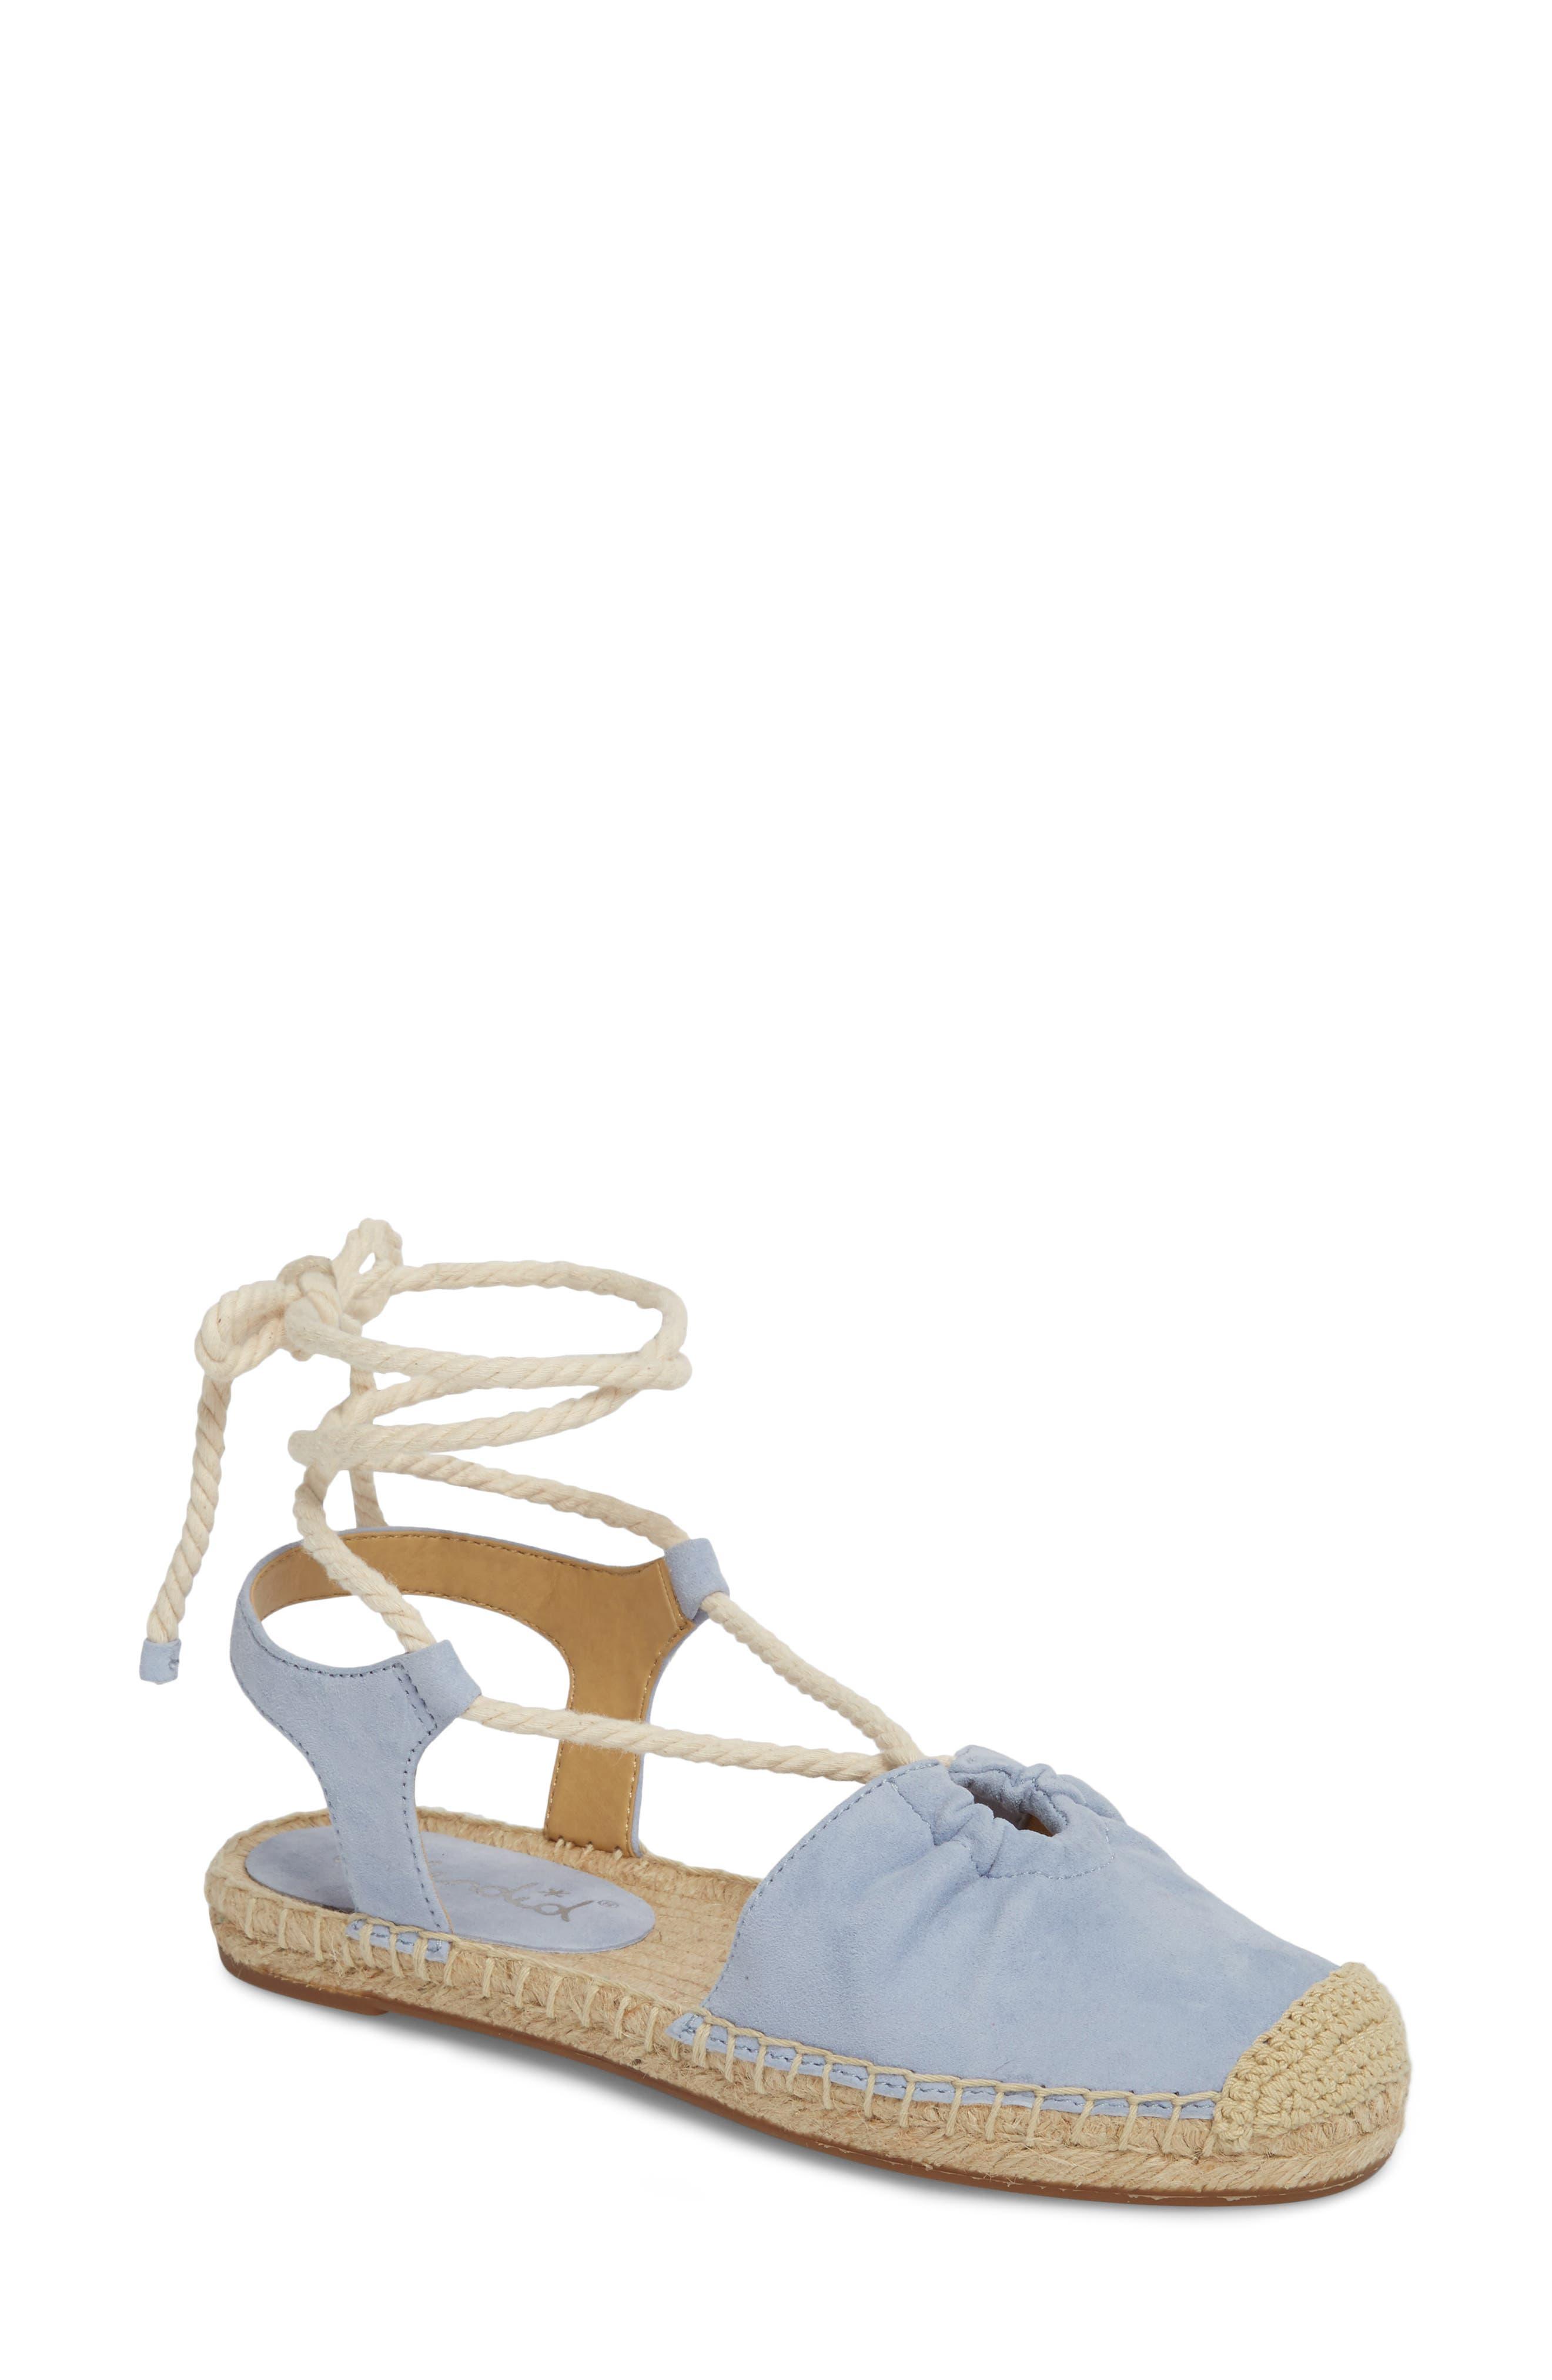 Splendid Frey Ankle Tie Espadrille Flat (Women)